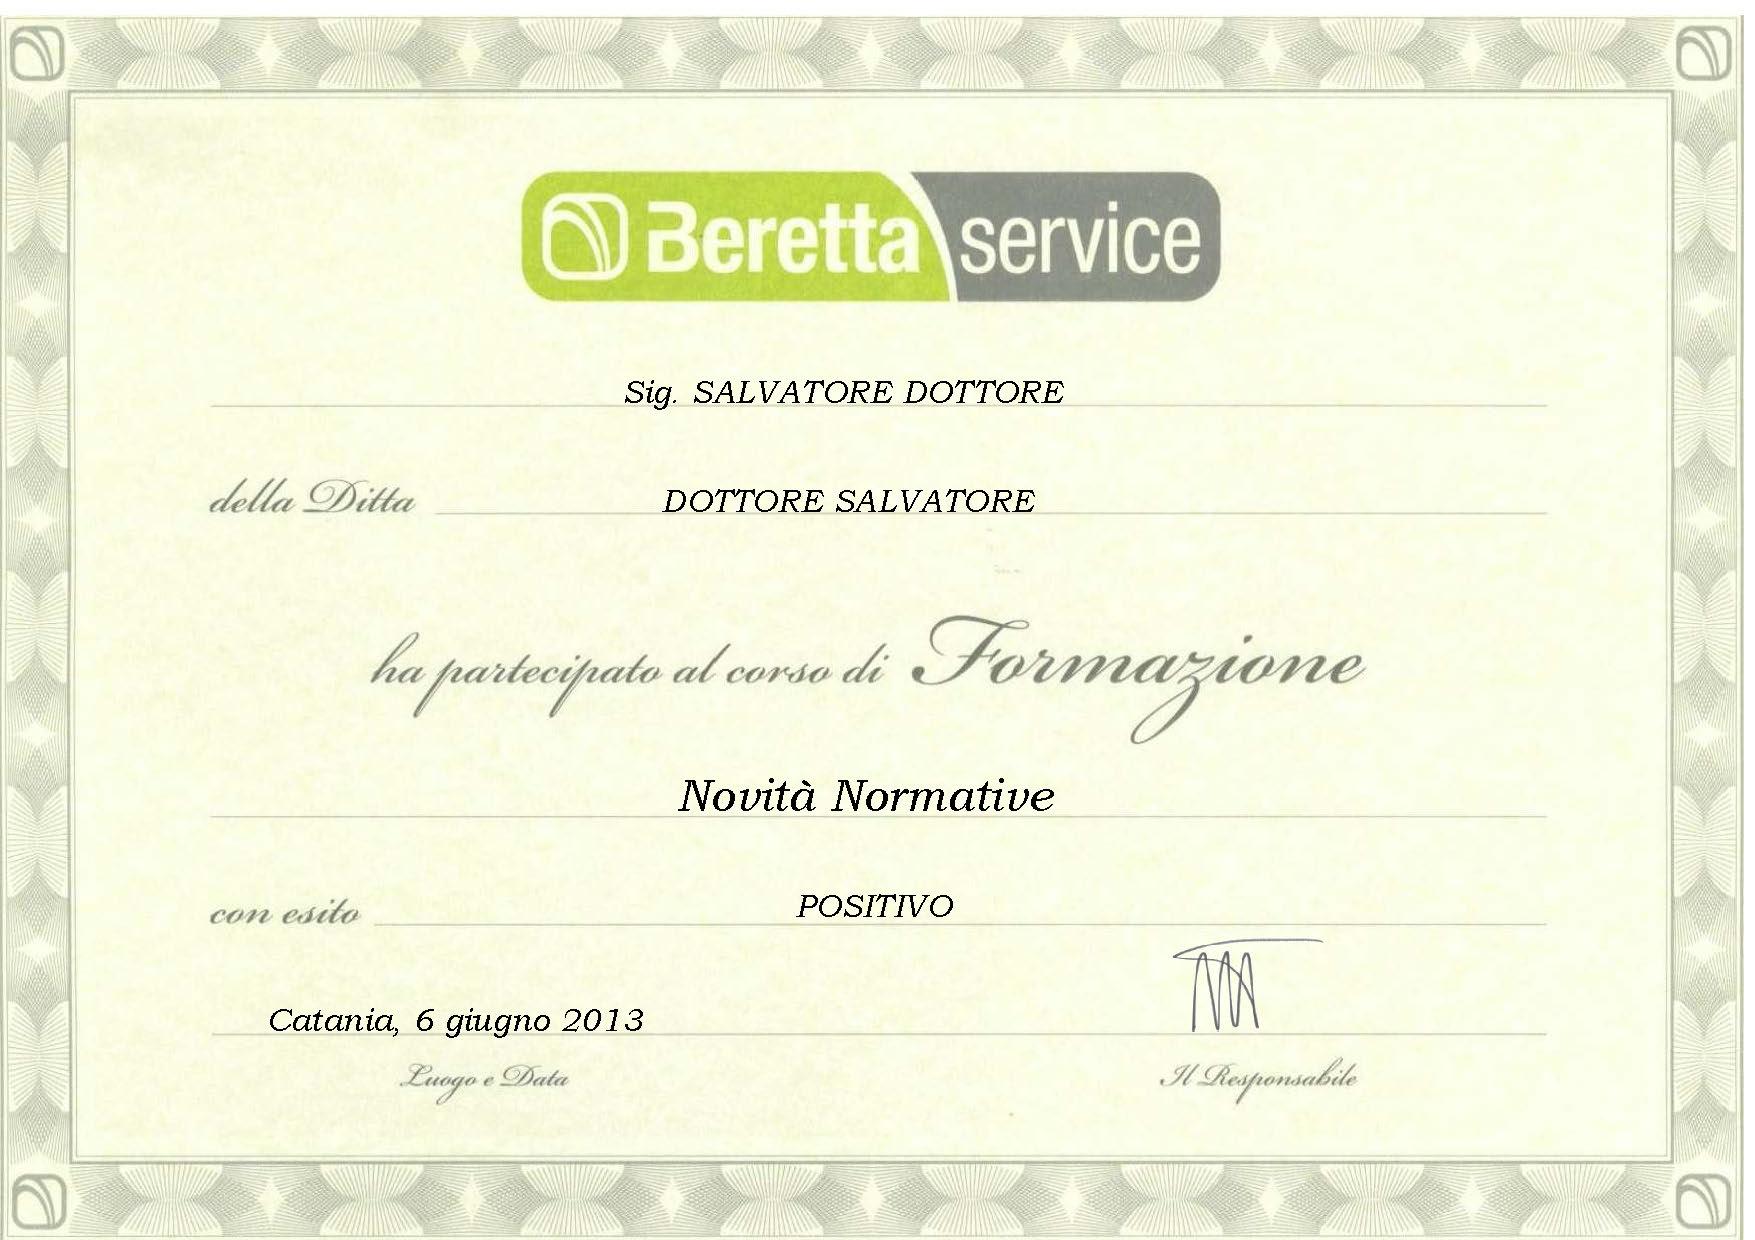 Aggiornamento Caldaie Beretta Service Messina